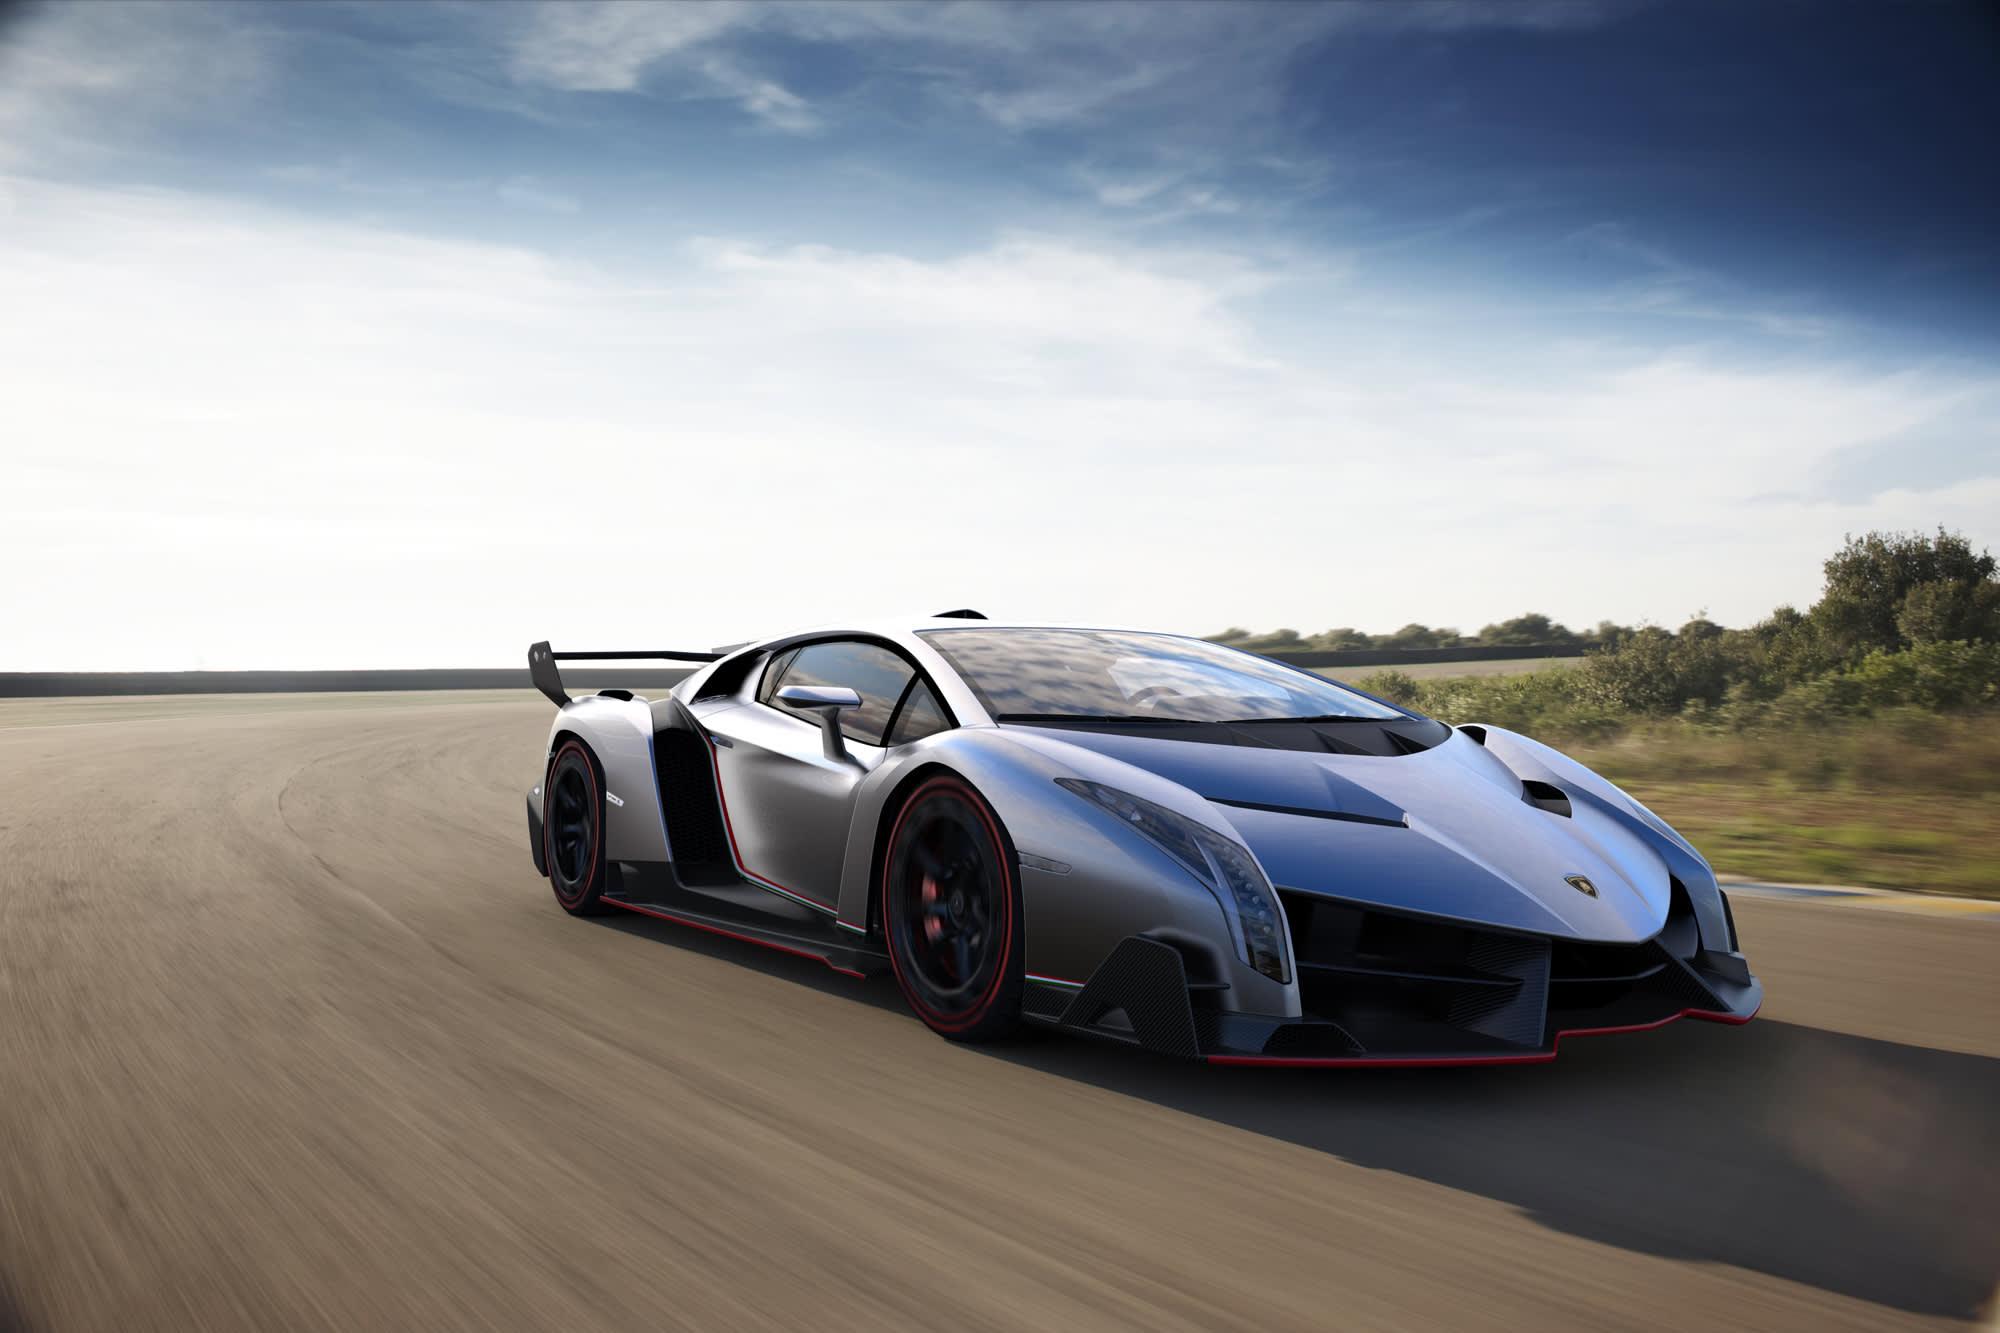 2018 lamborghini veneno.  Veneno Inside 2018 Lamborghini Veneno C